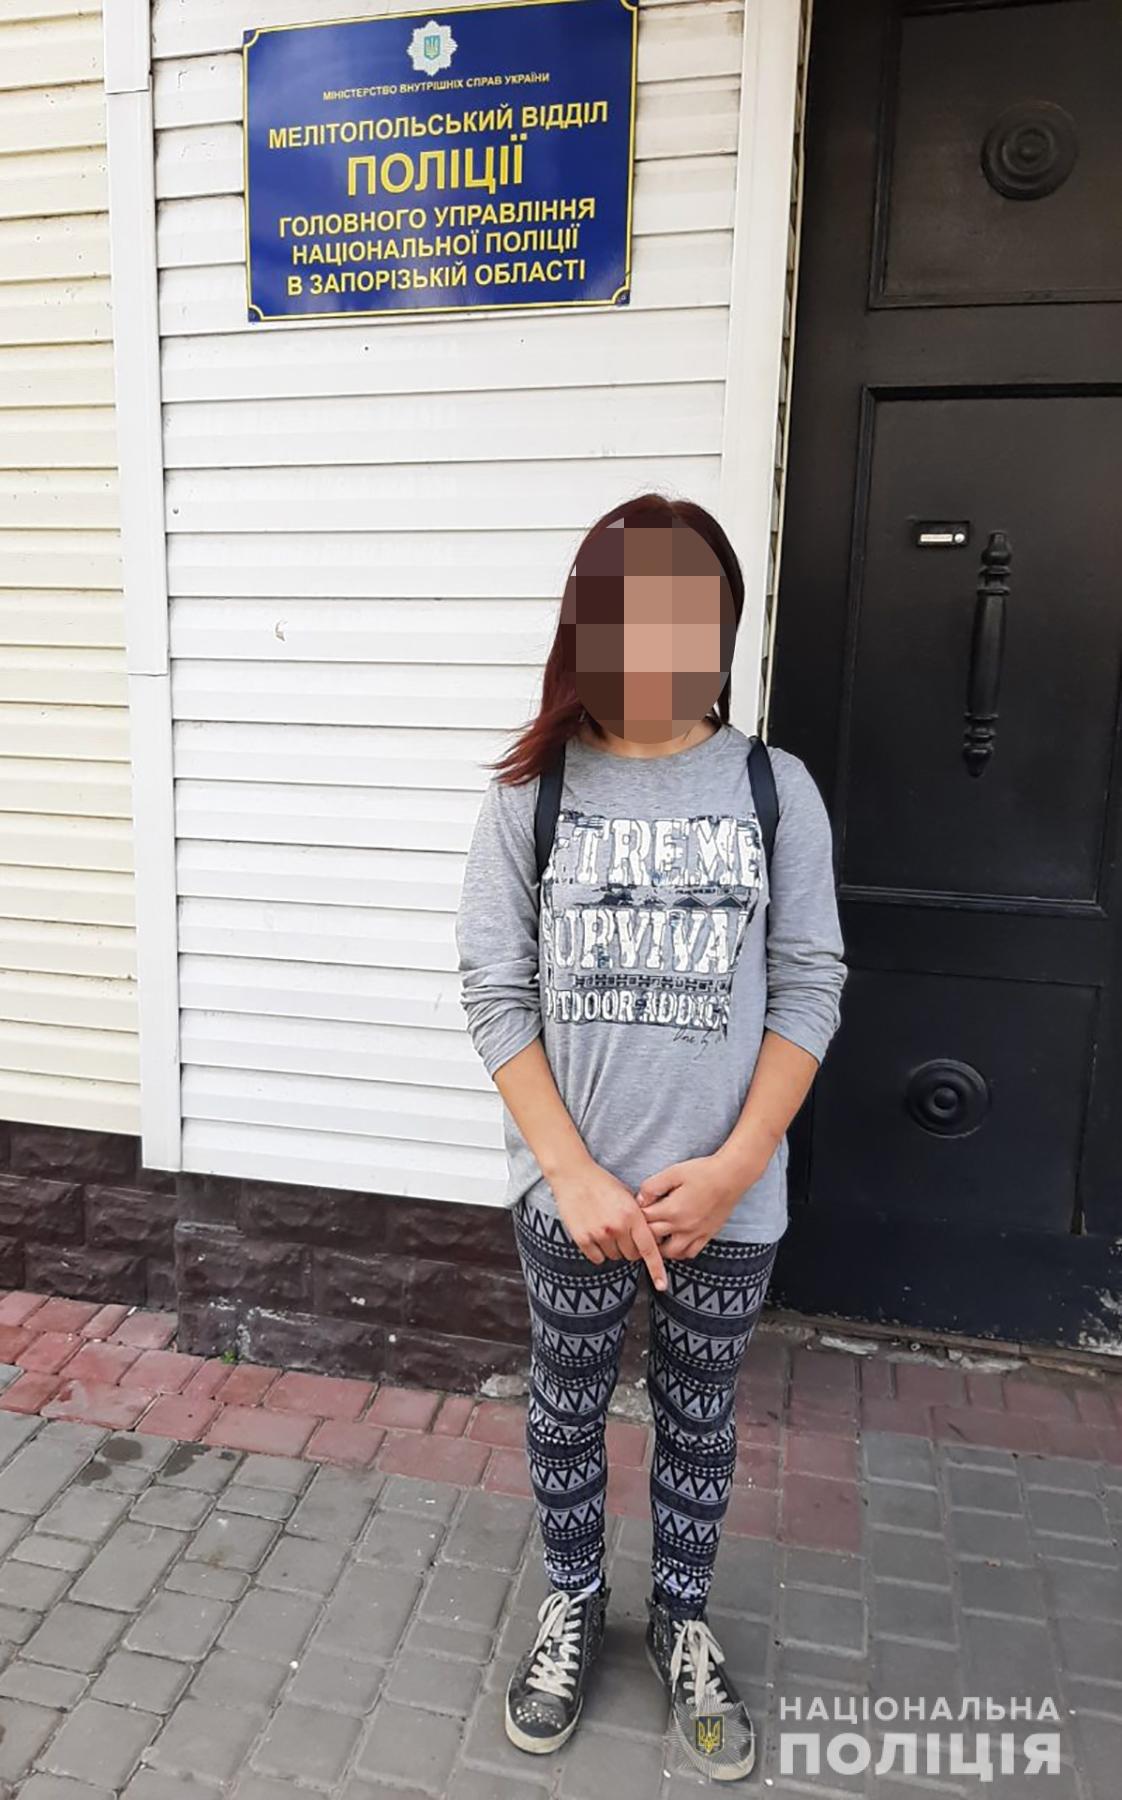 В Мелитополе полицейские разыскали пропавшую школьницу, фото-1